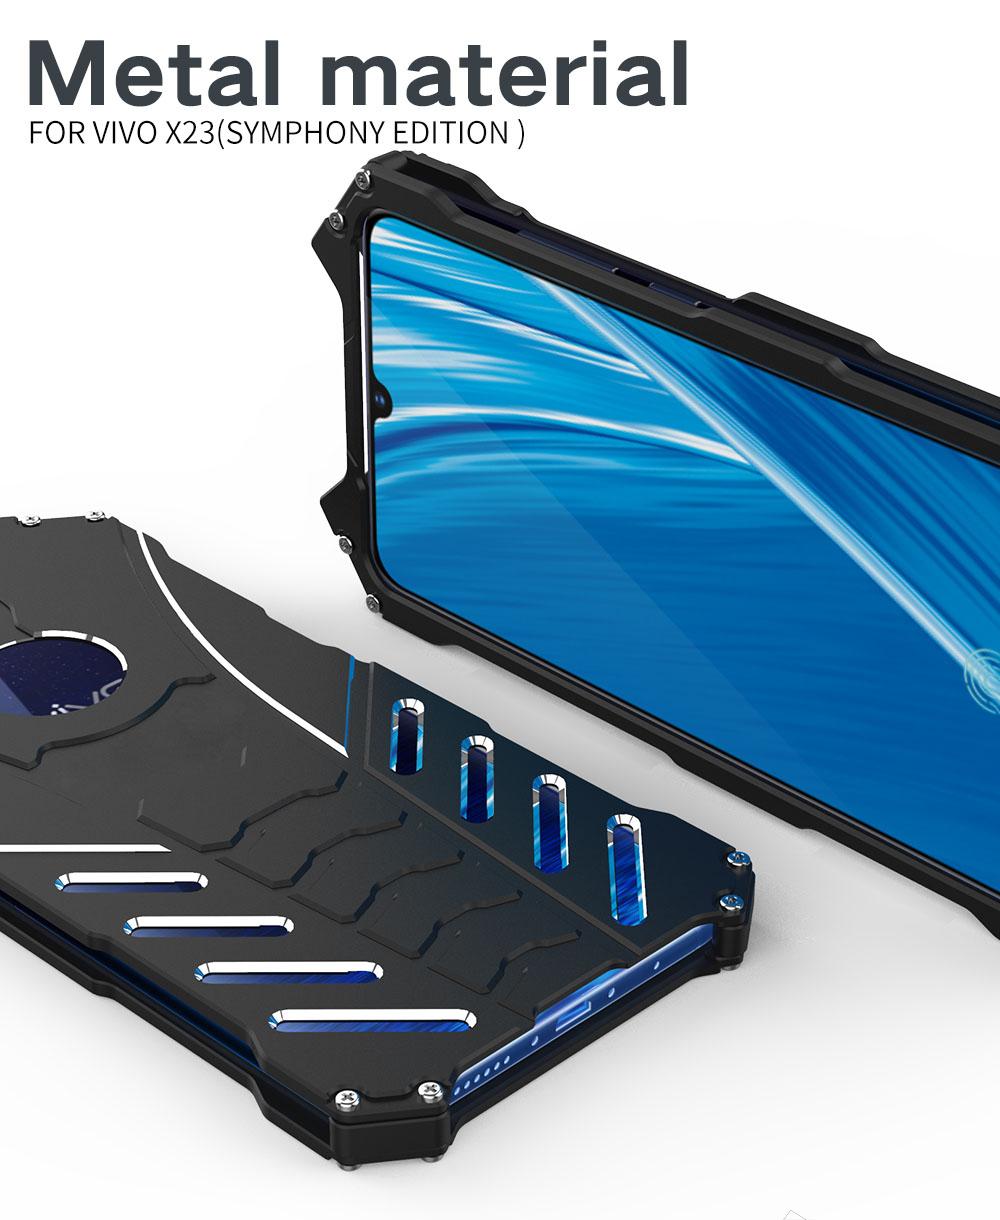 ViVO X23 Symphony Edition case